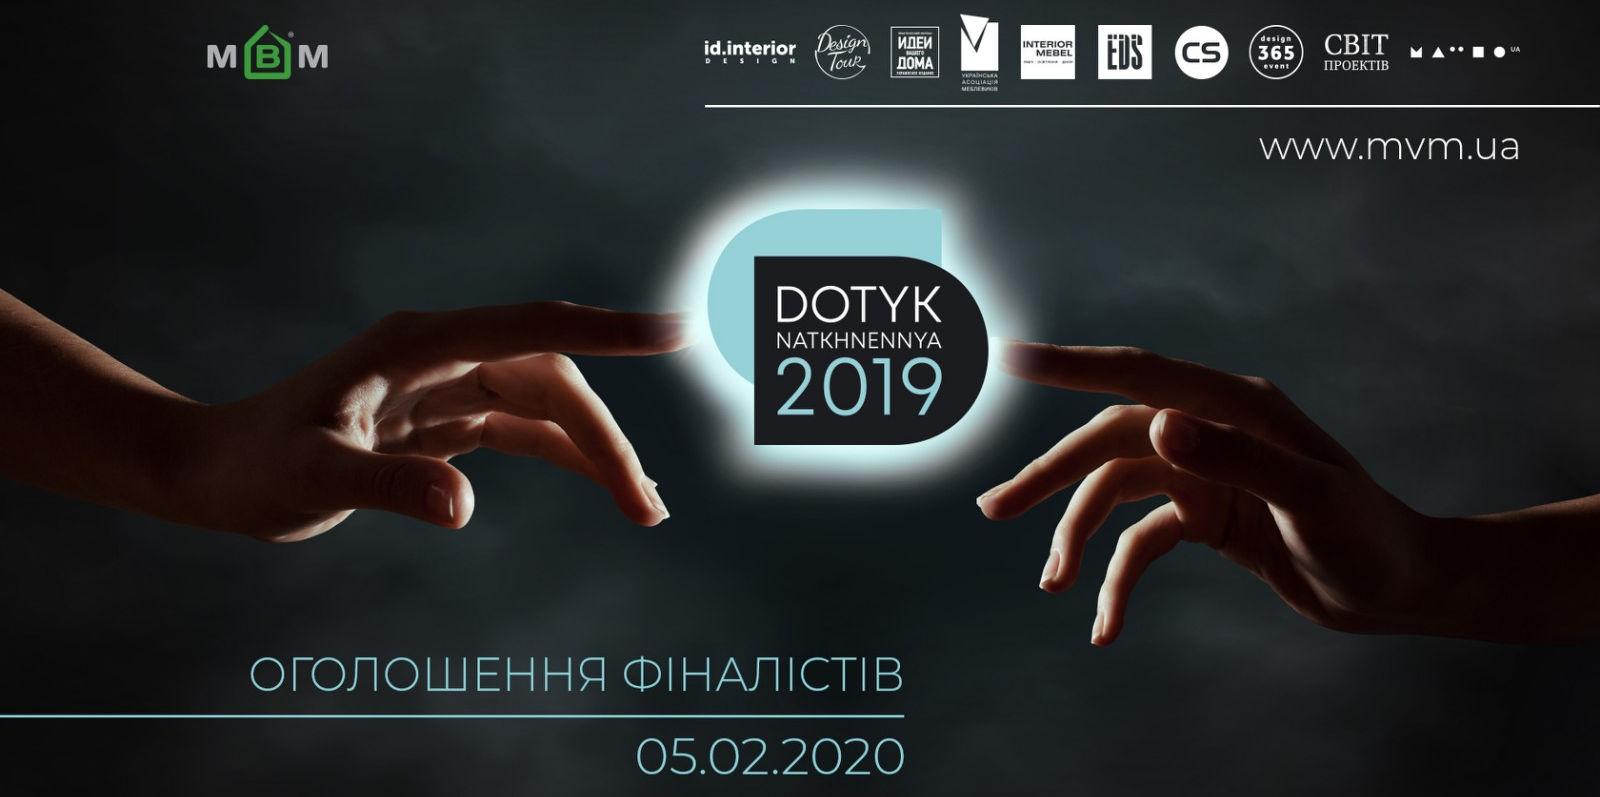 Ганна Фомічова, Дмитро Новіков, Анастасія Ковальова